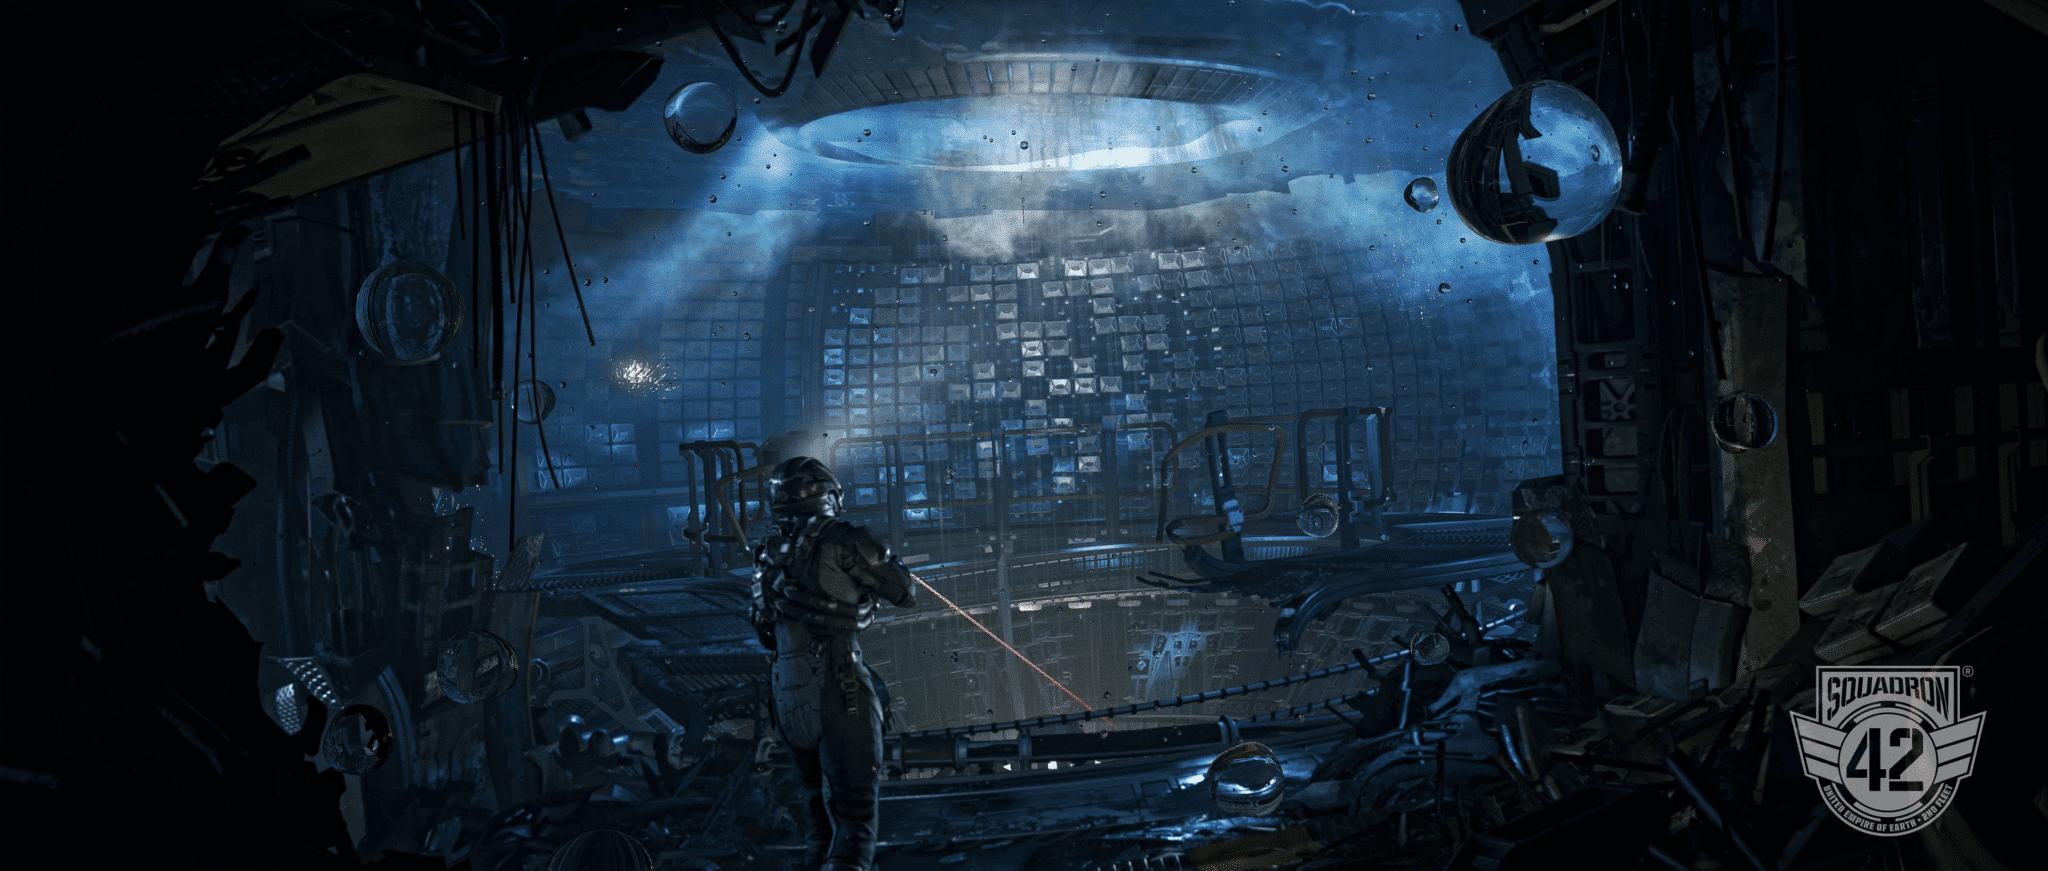 Solange Umfang und Qualität nicht leiden, hätte wohl kaum jemand etwas gegen eine Portierung von Squadron 42 für Konsolen. © Cloud Imperium Games